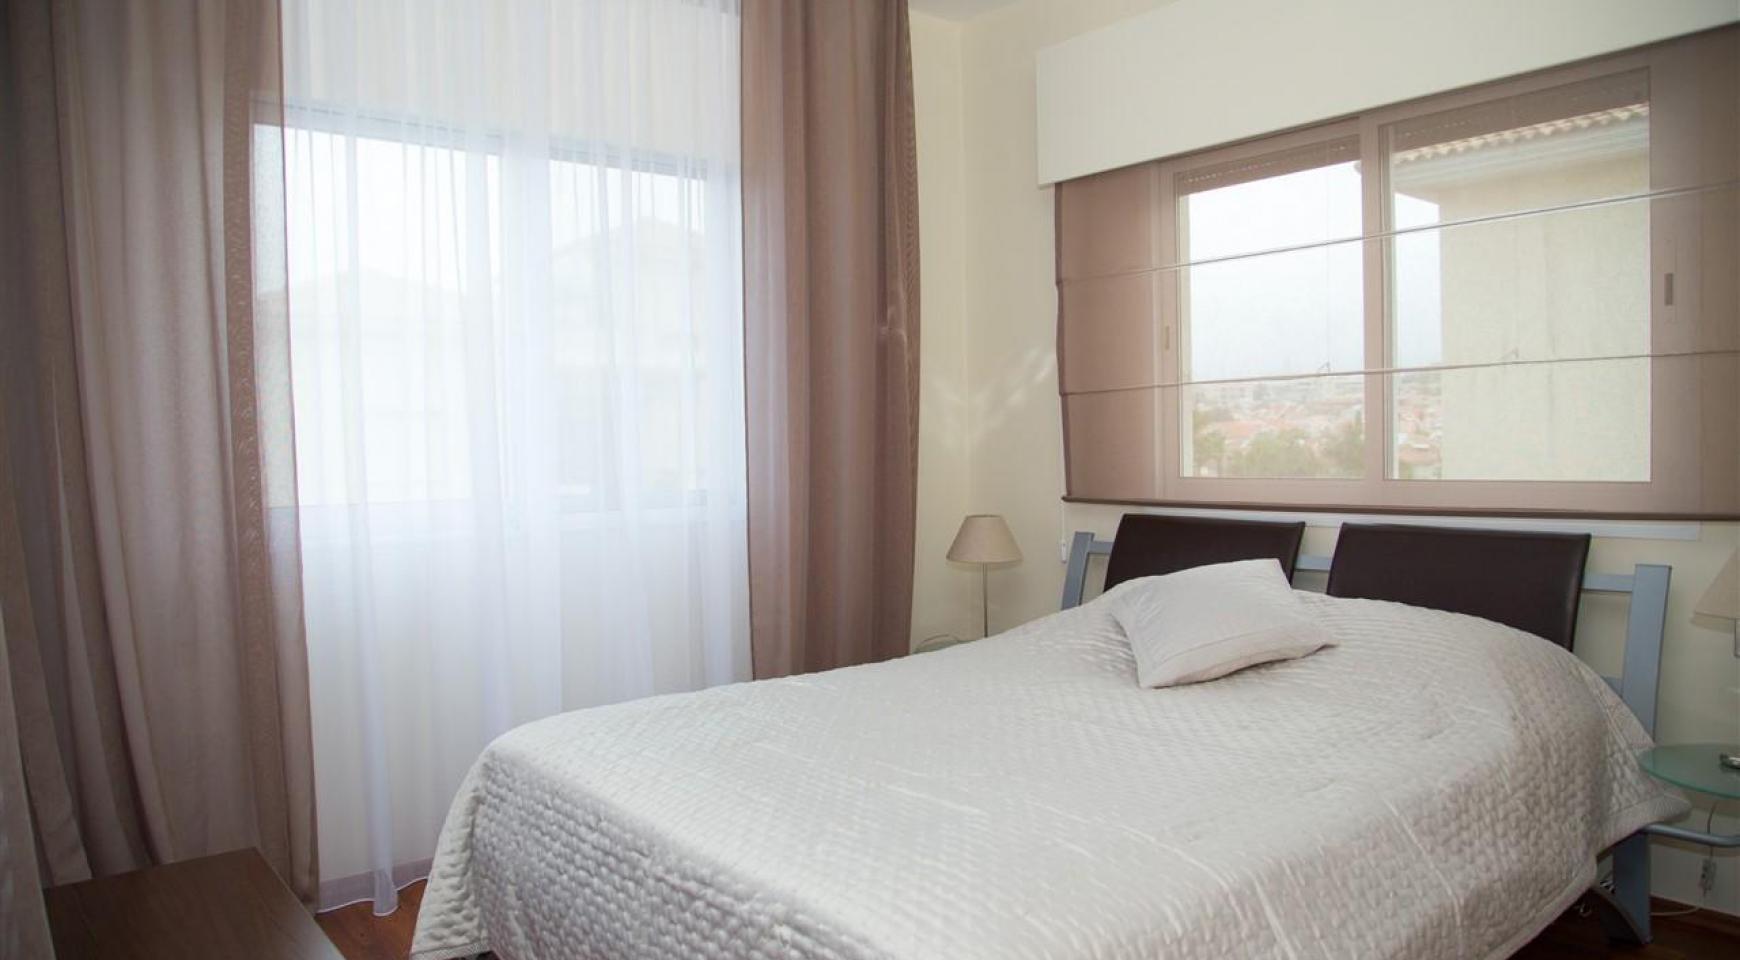 2-Спальная Квартира Mesogios Iris 304 в Комплексе у Моря - 15